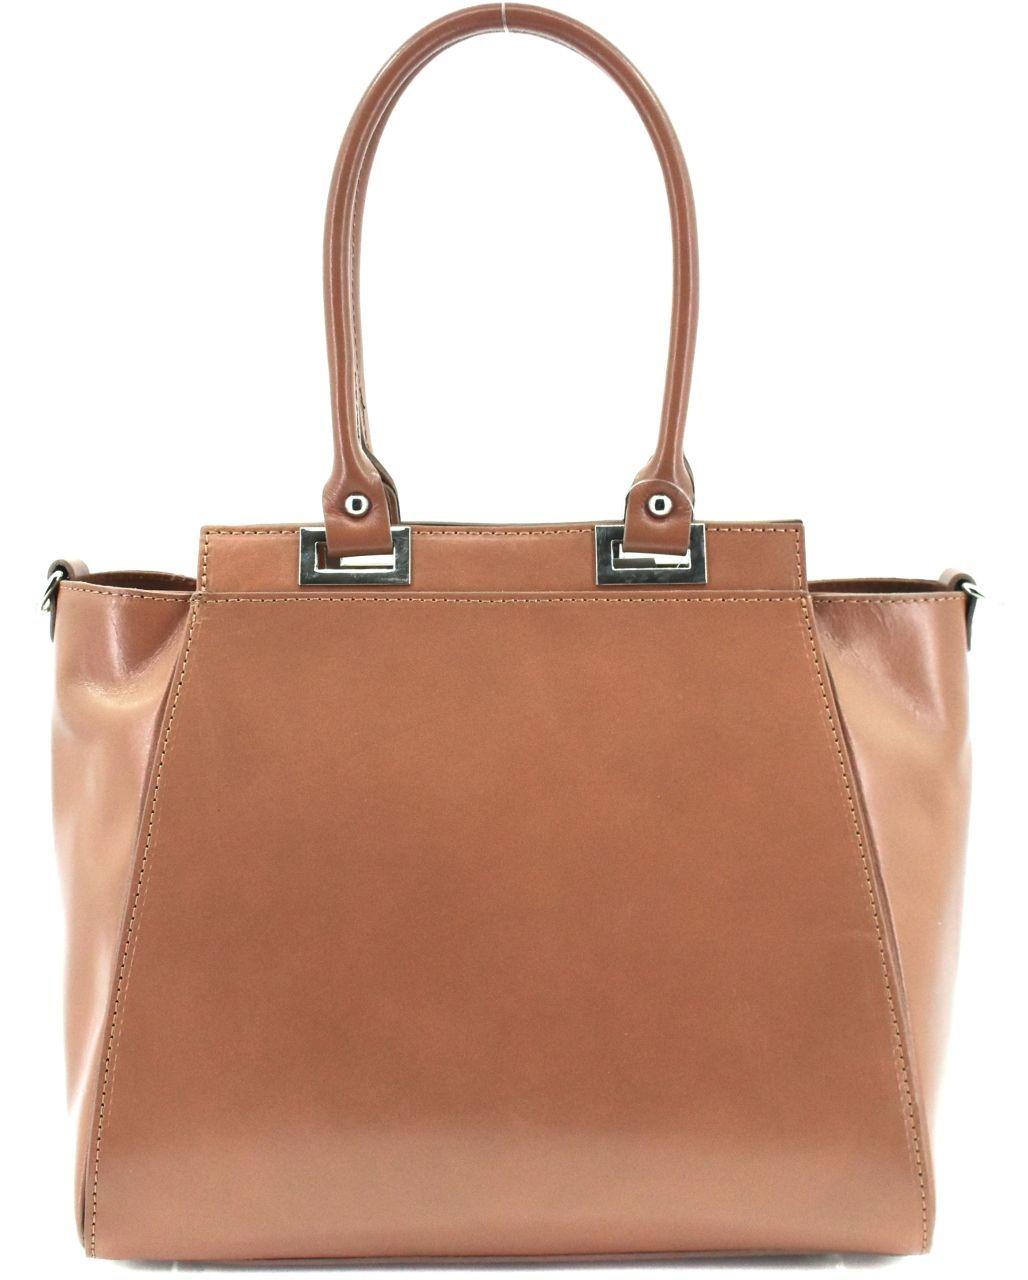 Dámská kožená kabelka Arteddy - béžová 29567